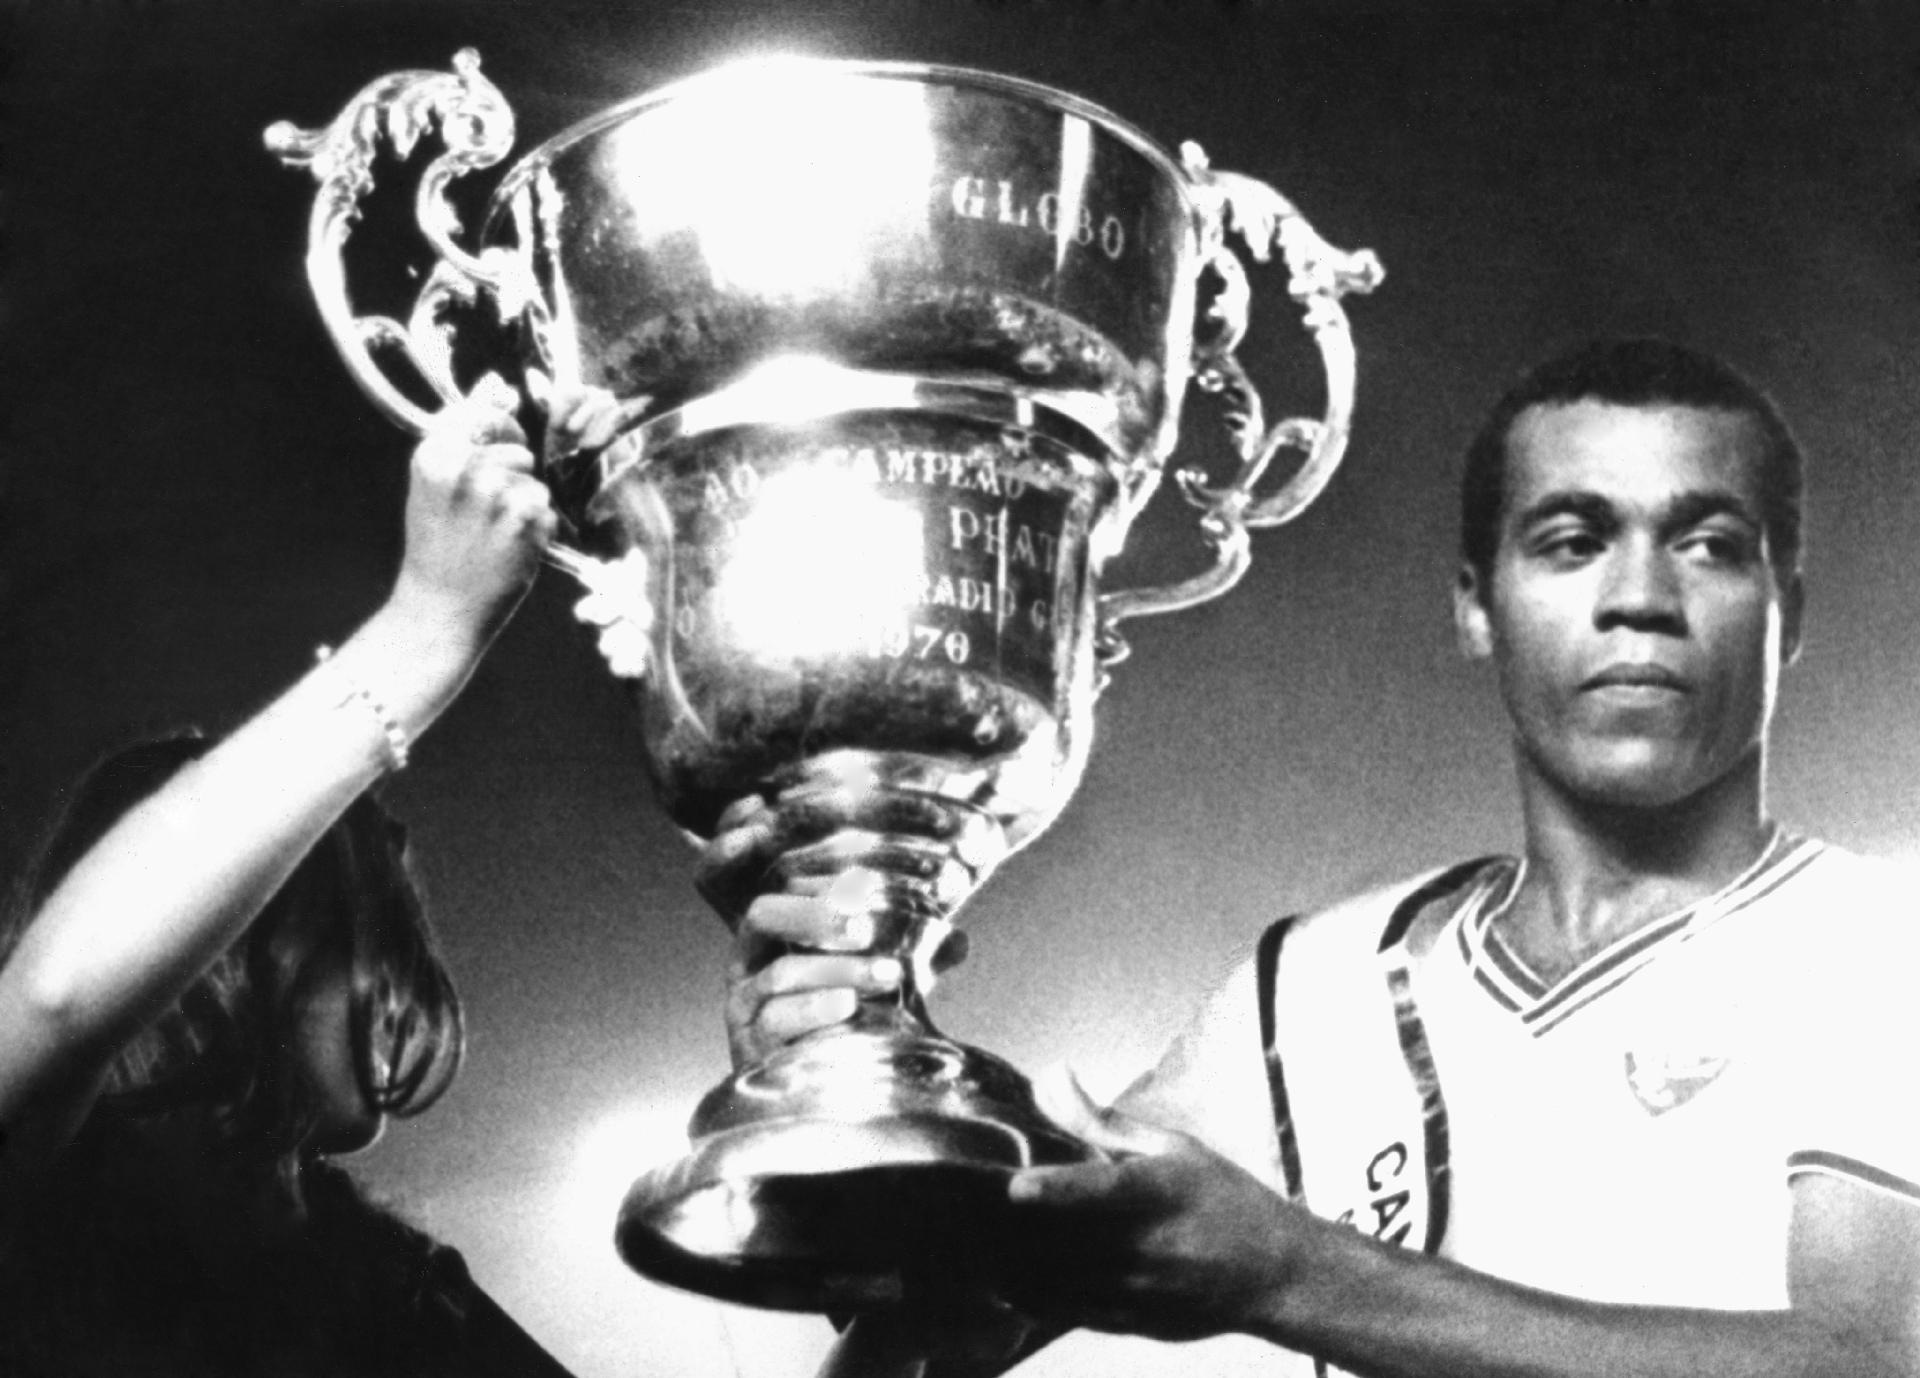 O capitão do time do Fluminense, Denílson levanta o troféu conquista da Taça de Prata (antigo Campeonato Brasileiro de Futebol), após empate com o Atlético Mineiro por 1 a 1 em jogo realizado no estádio do Maracanã